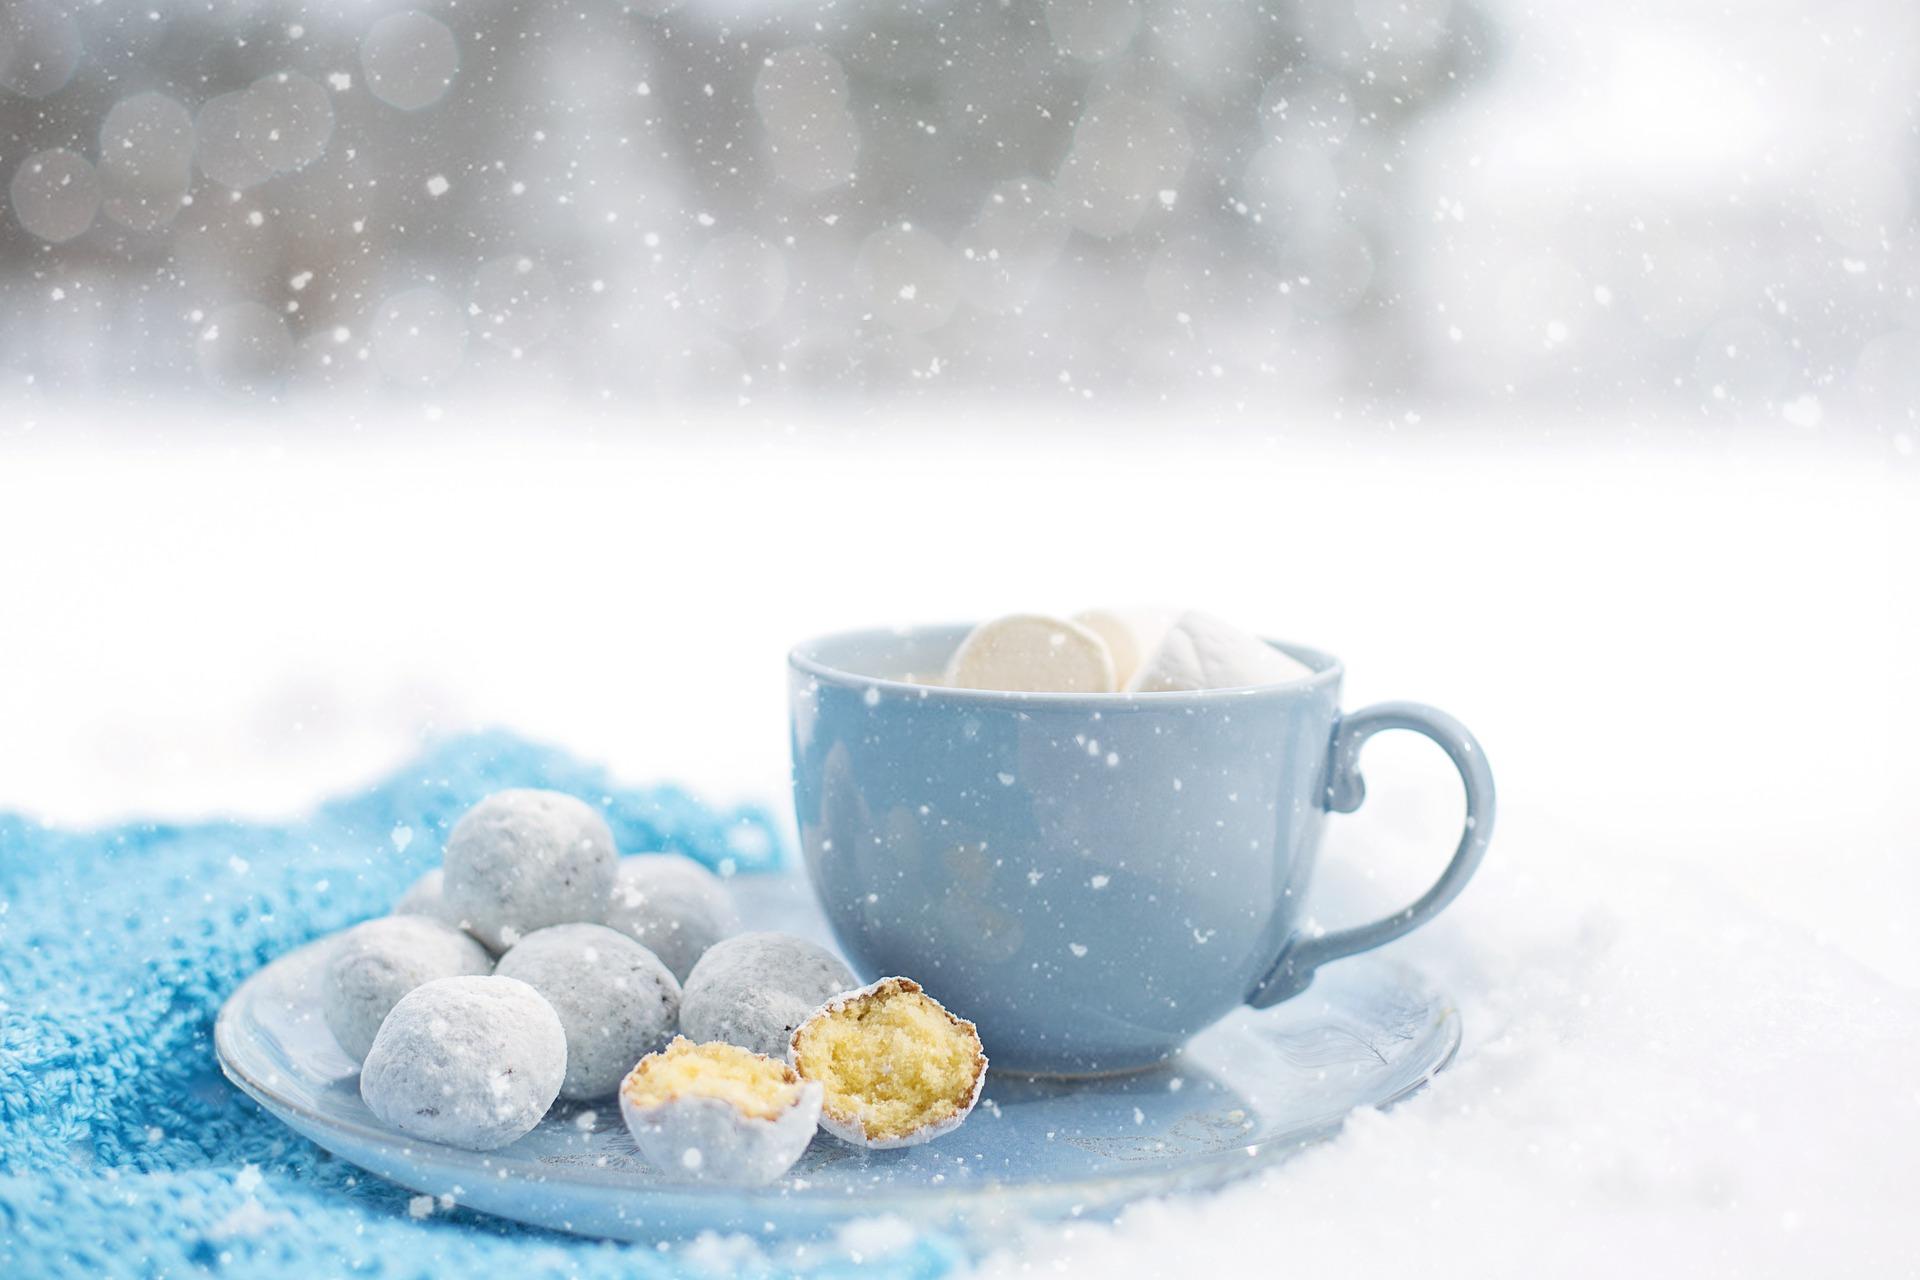 Открытки с морозным утром для прогулки, приколы приятного